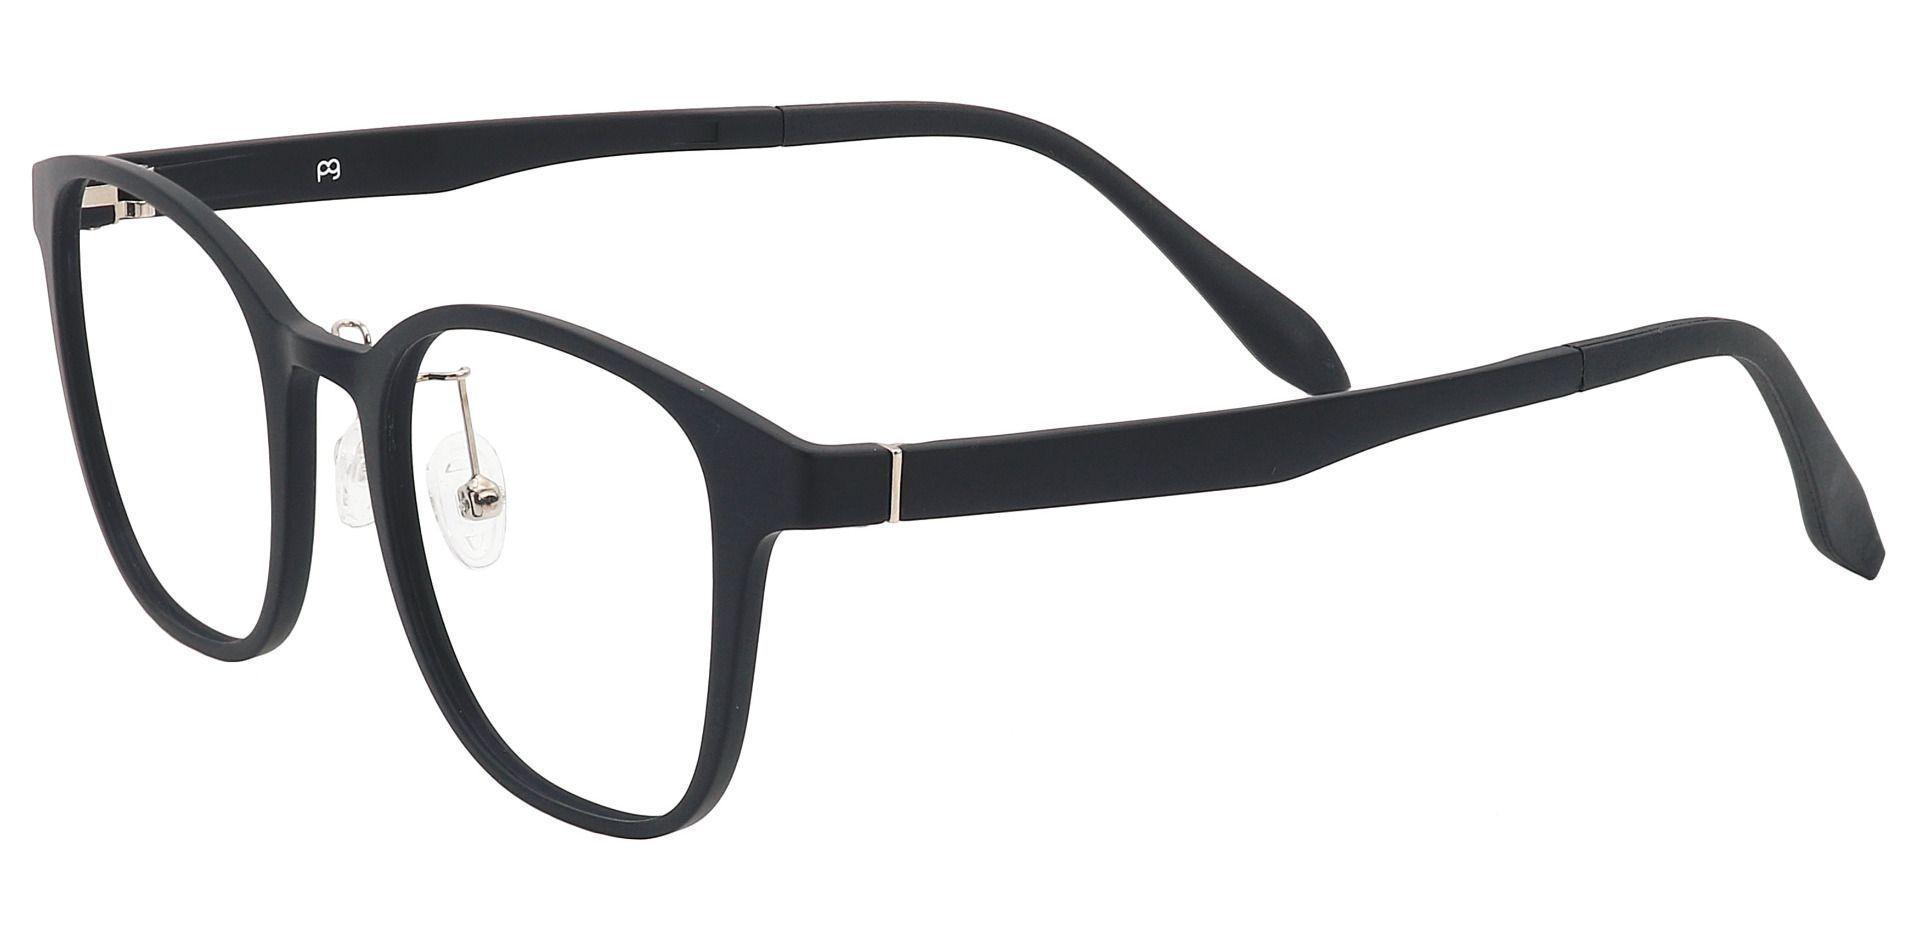 Normandy Oval Prescription Glasses - Black